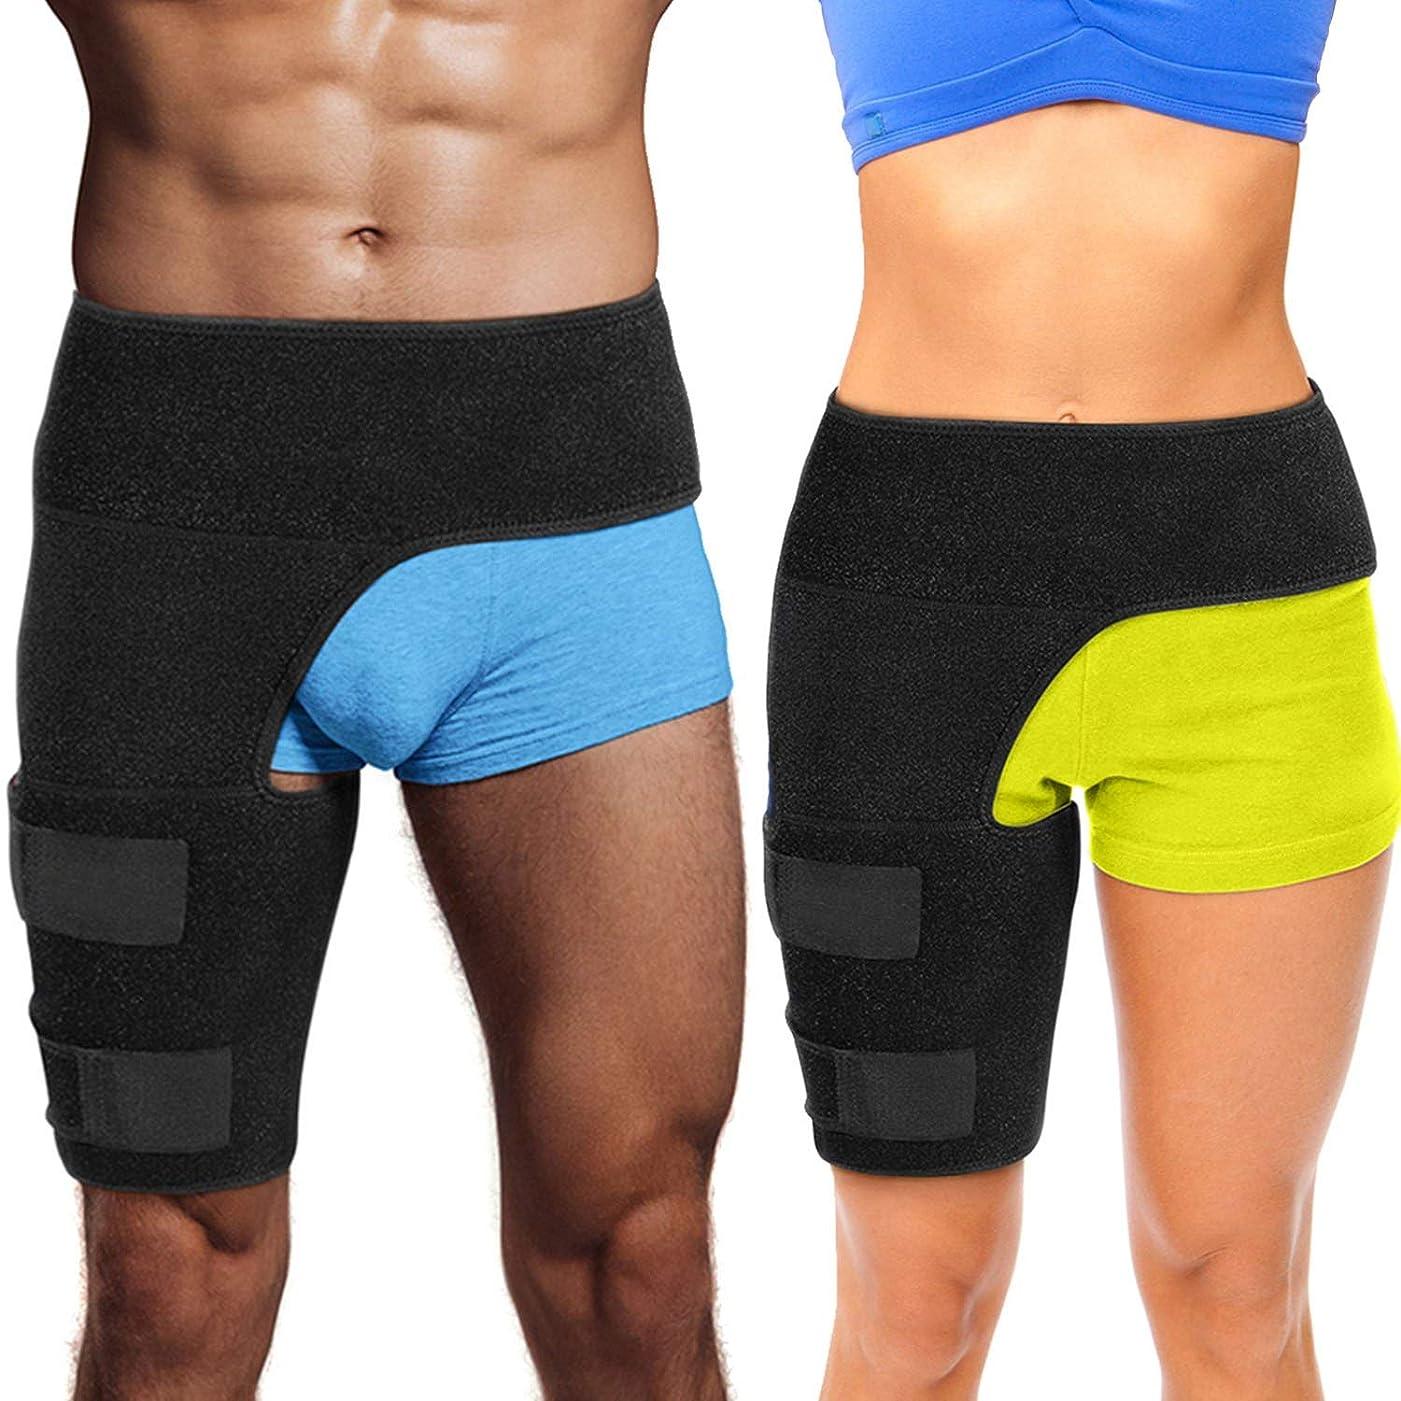 東方に応じてリズミカルなGifferly 股関節サポーター 太もも 股関節ベルト 骨盤矯正 ガードル 痛みを軽減 快適な歩行をサポート 装着簡単 左右兼用